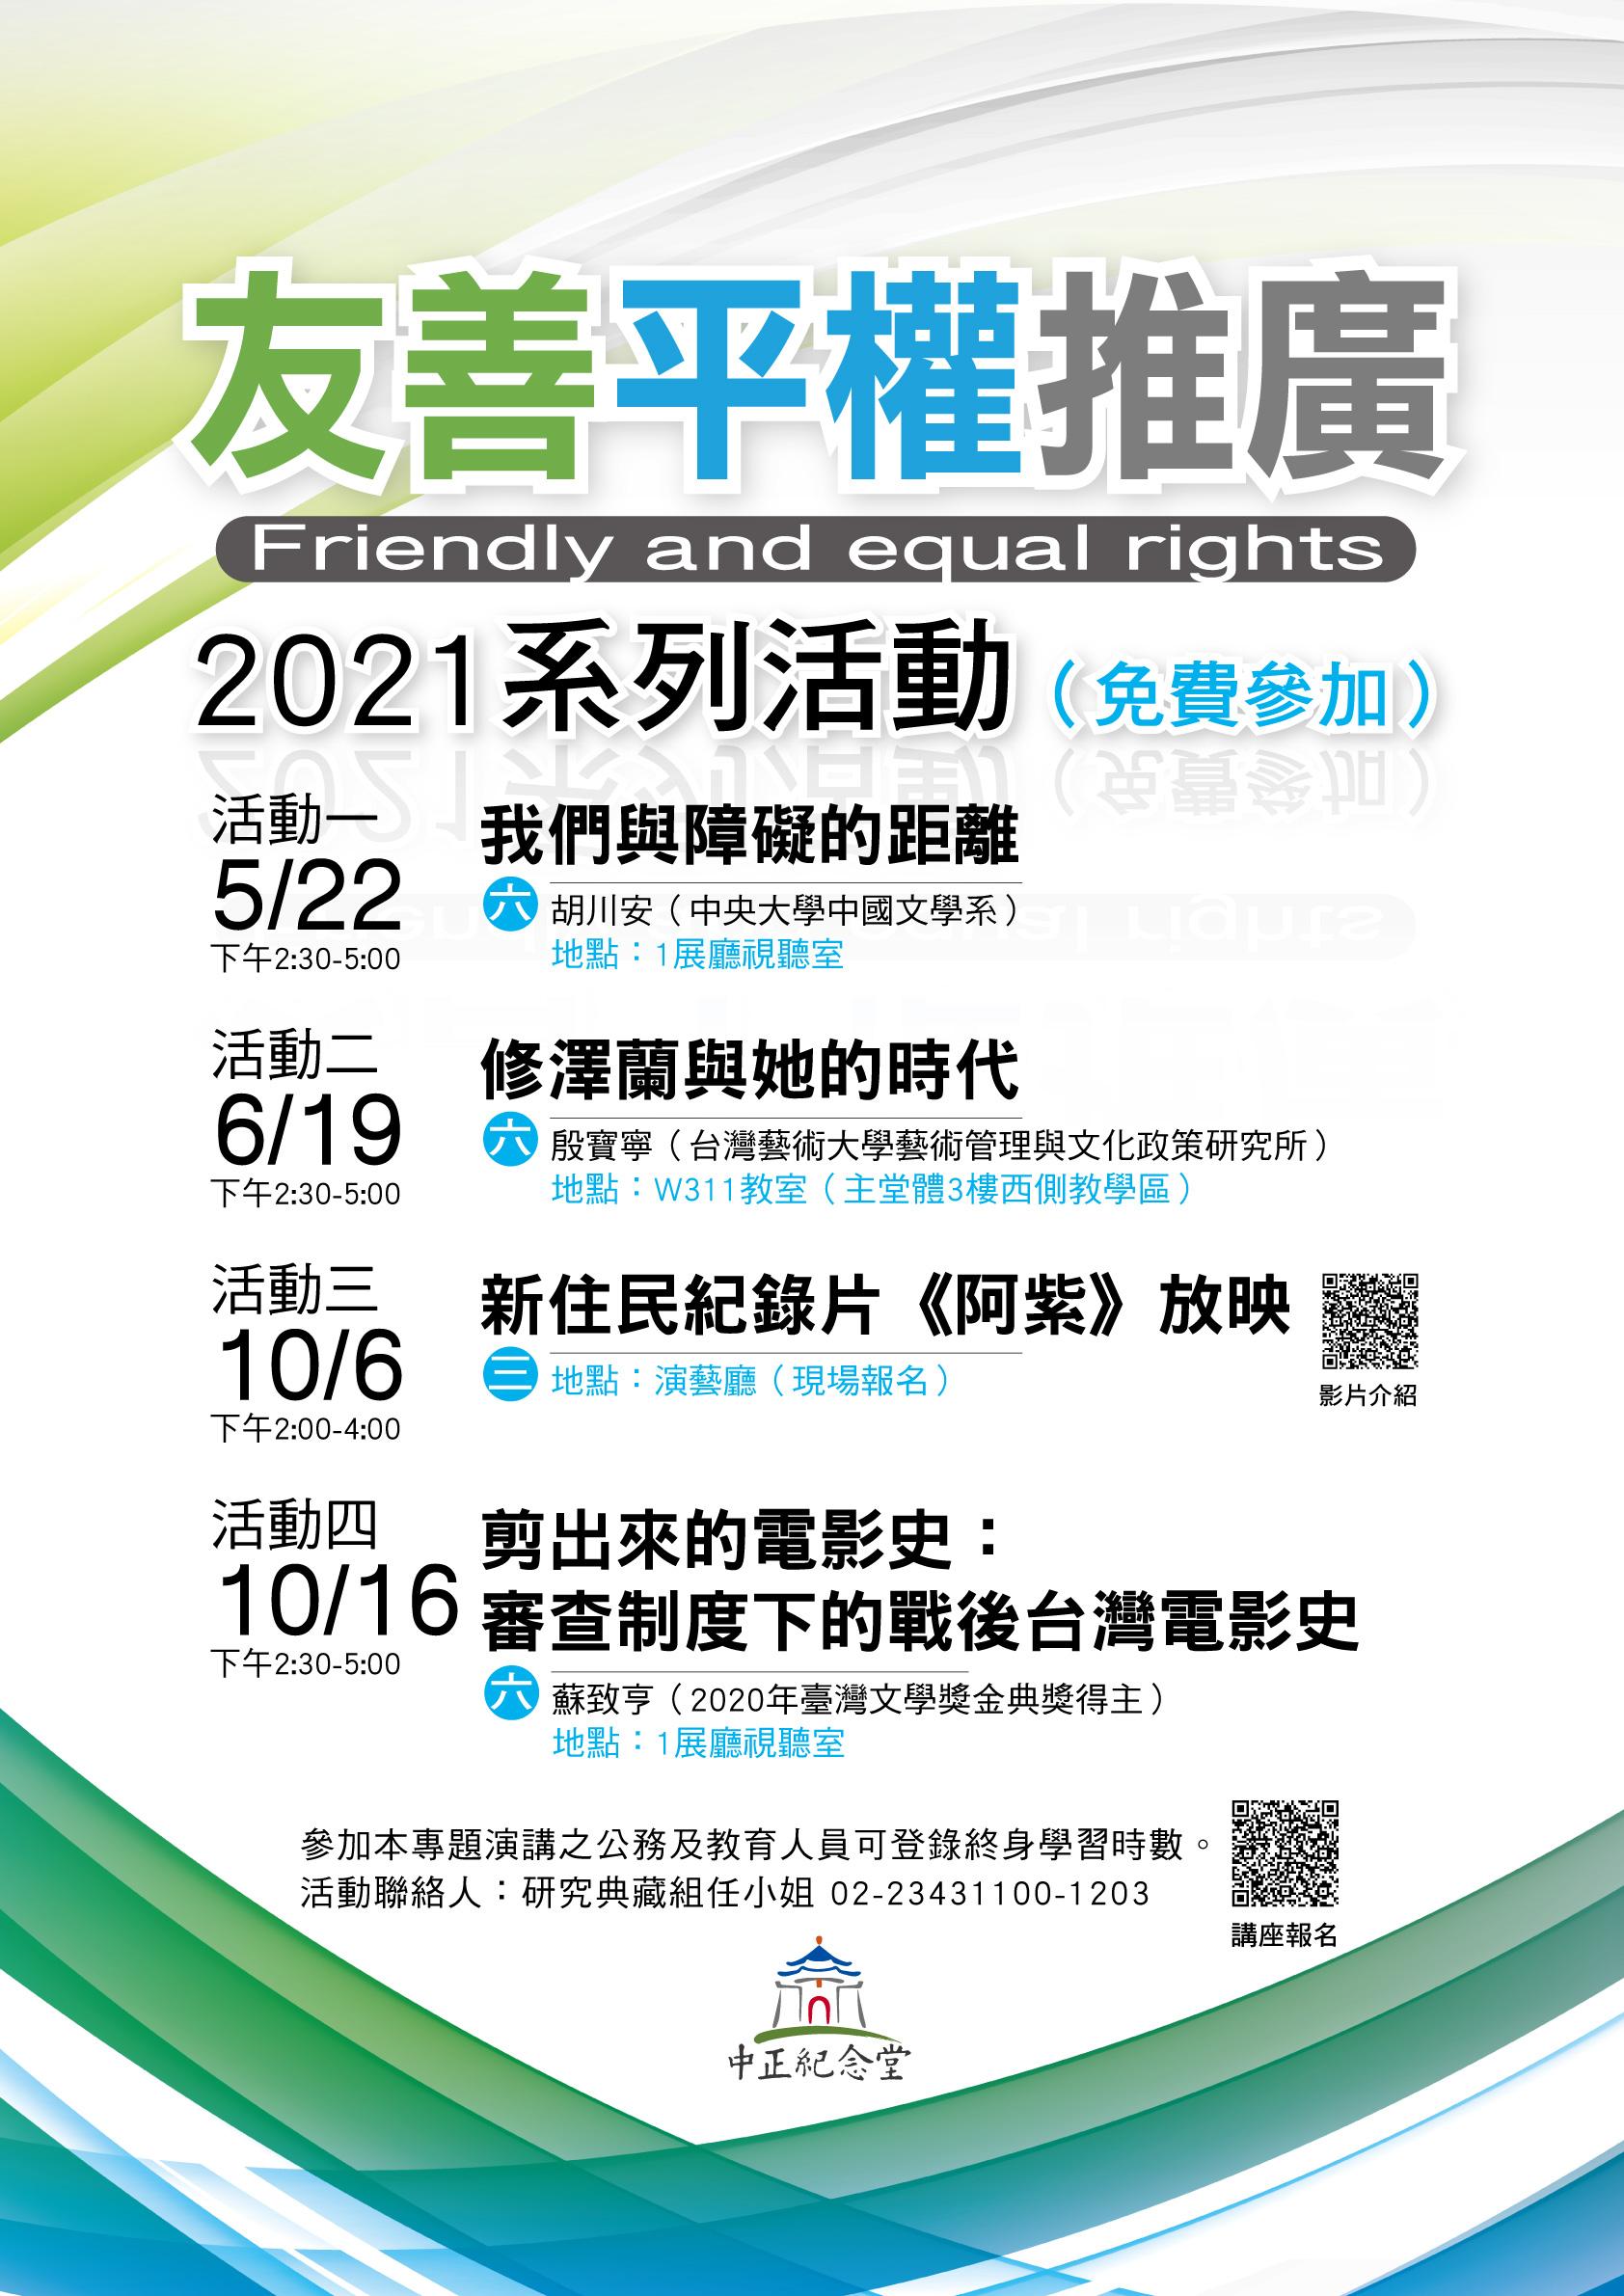 2021友善平權推廣系列活動海報.jpg